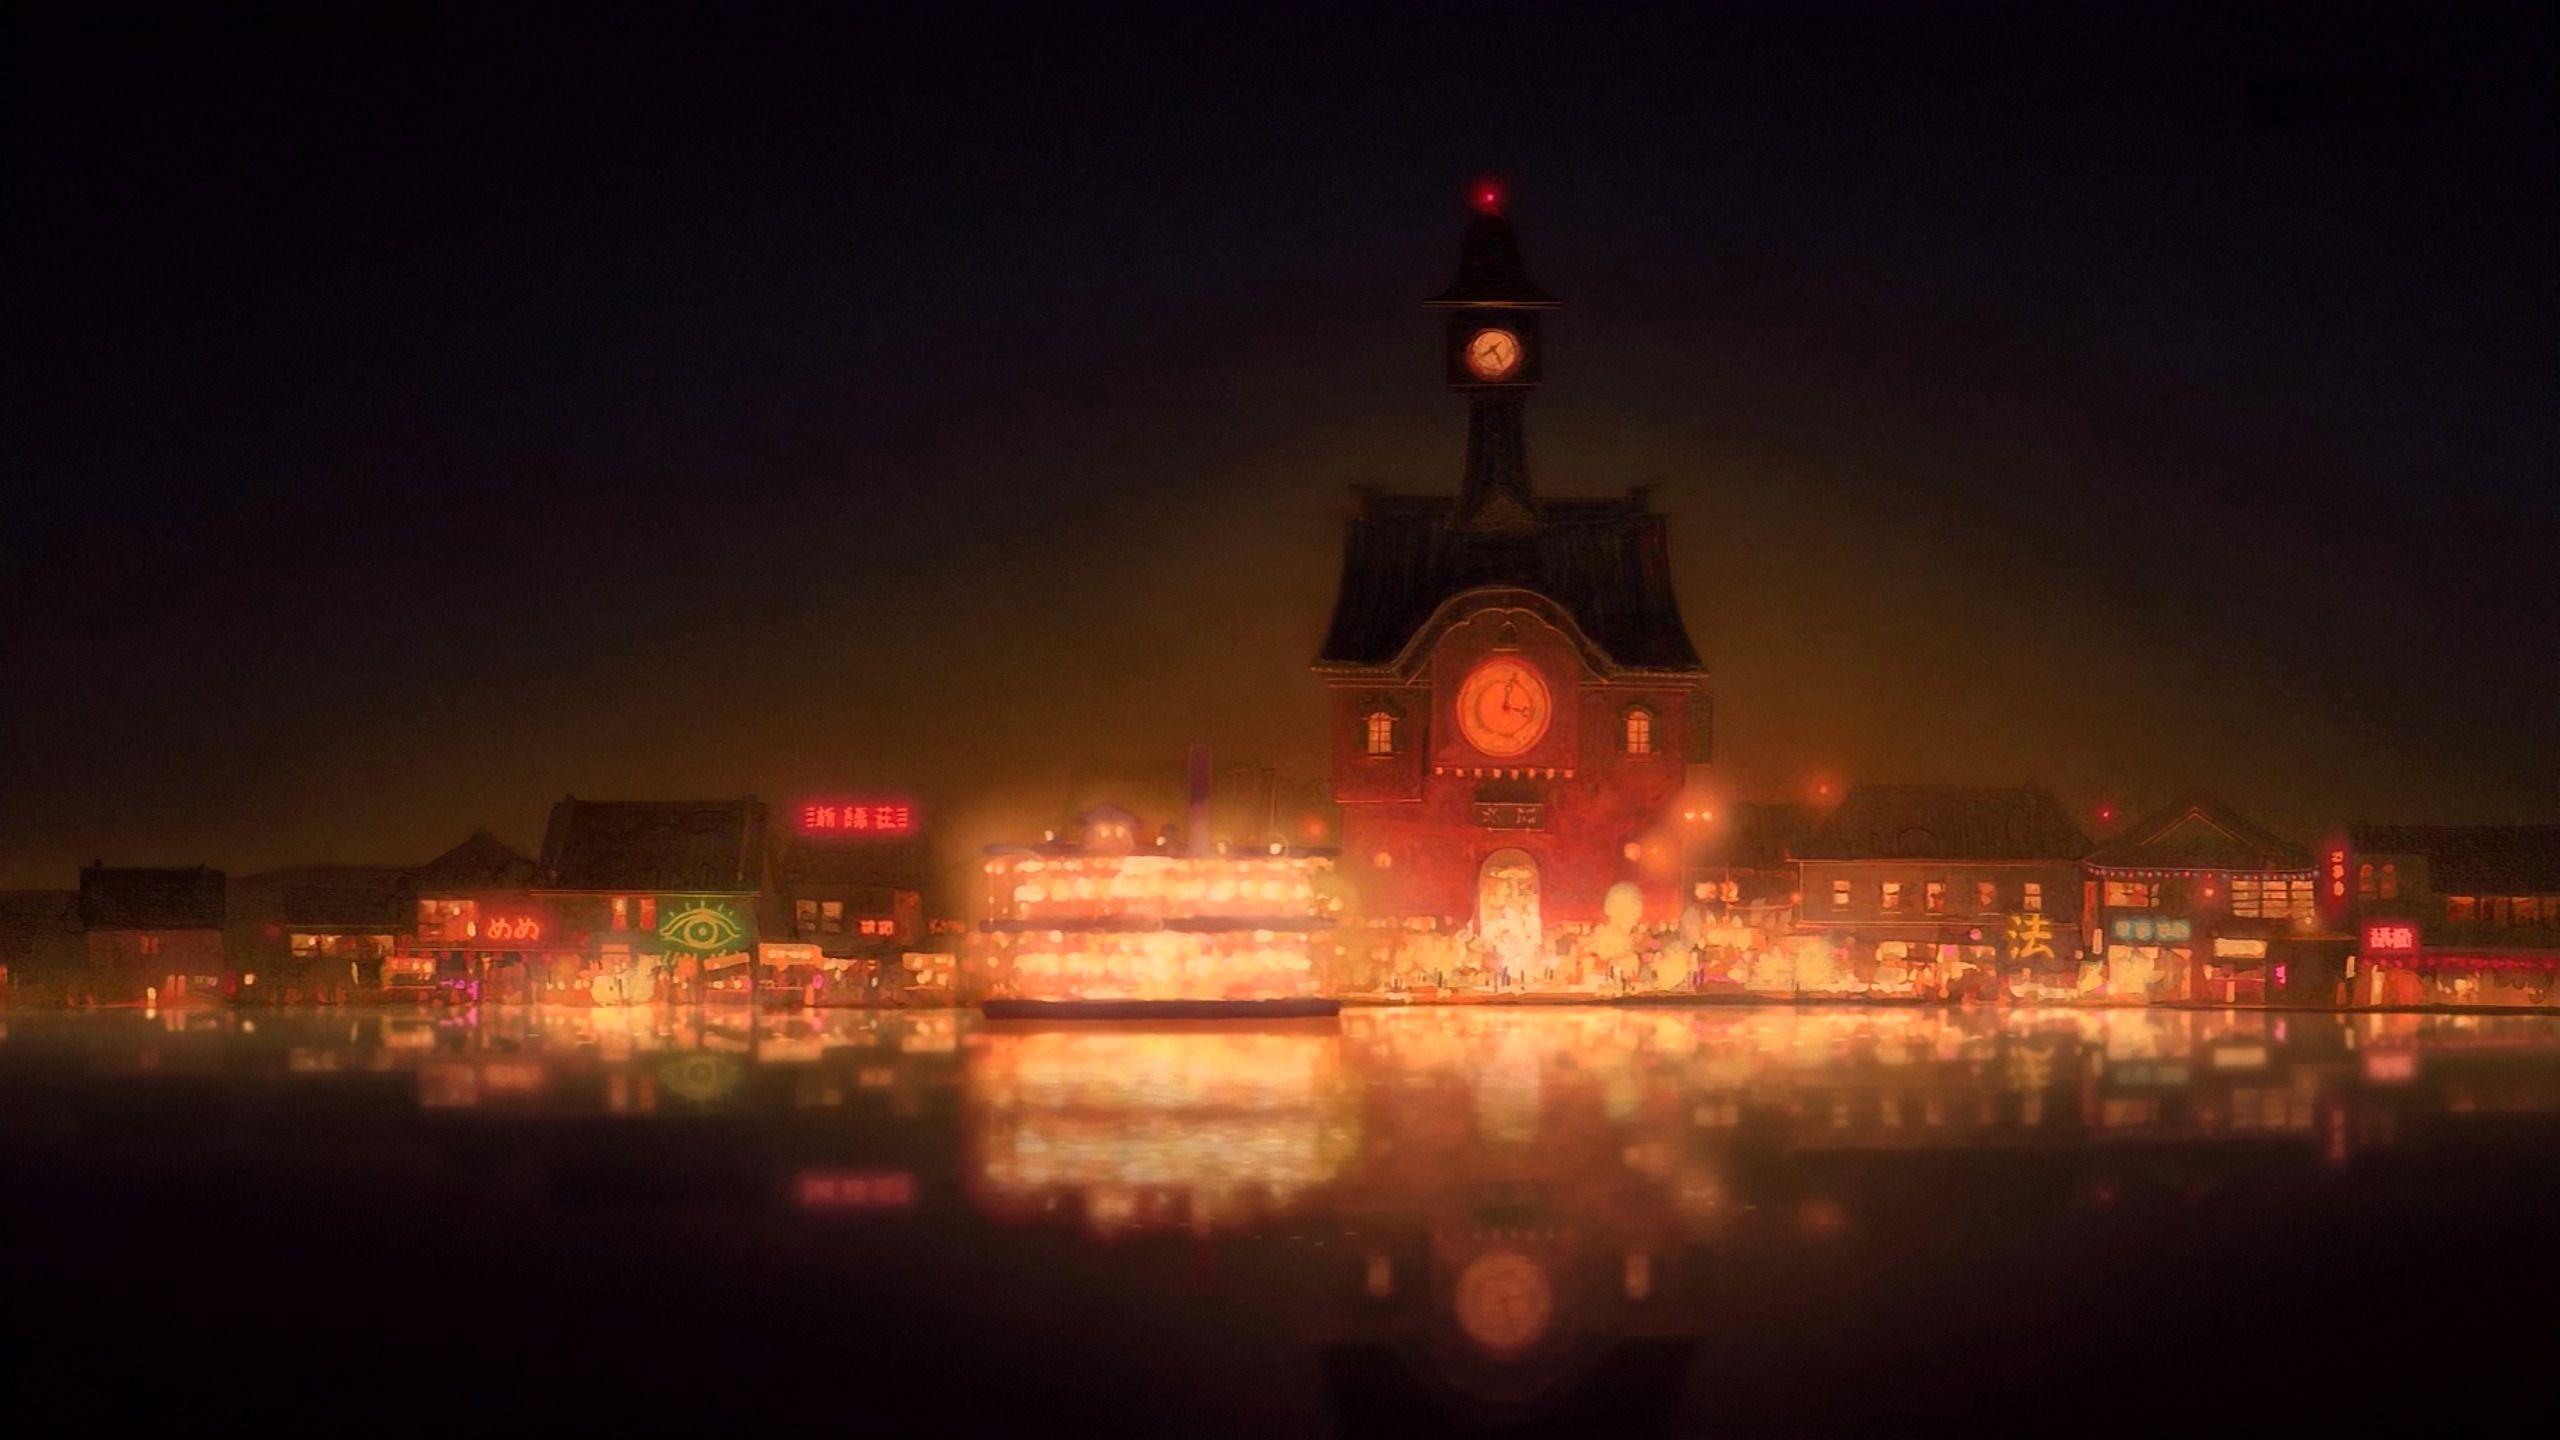 2560x1440 Kỷ niệm 75 năm ngày sinh của Hayao Miyazaki với 75 này